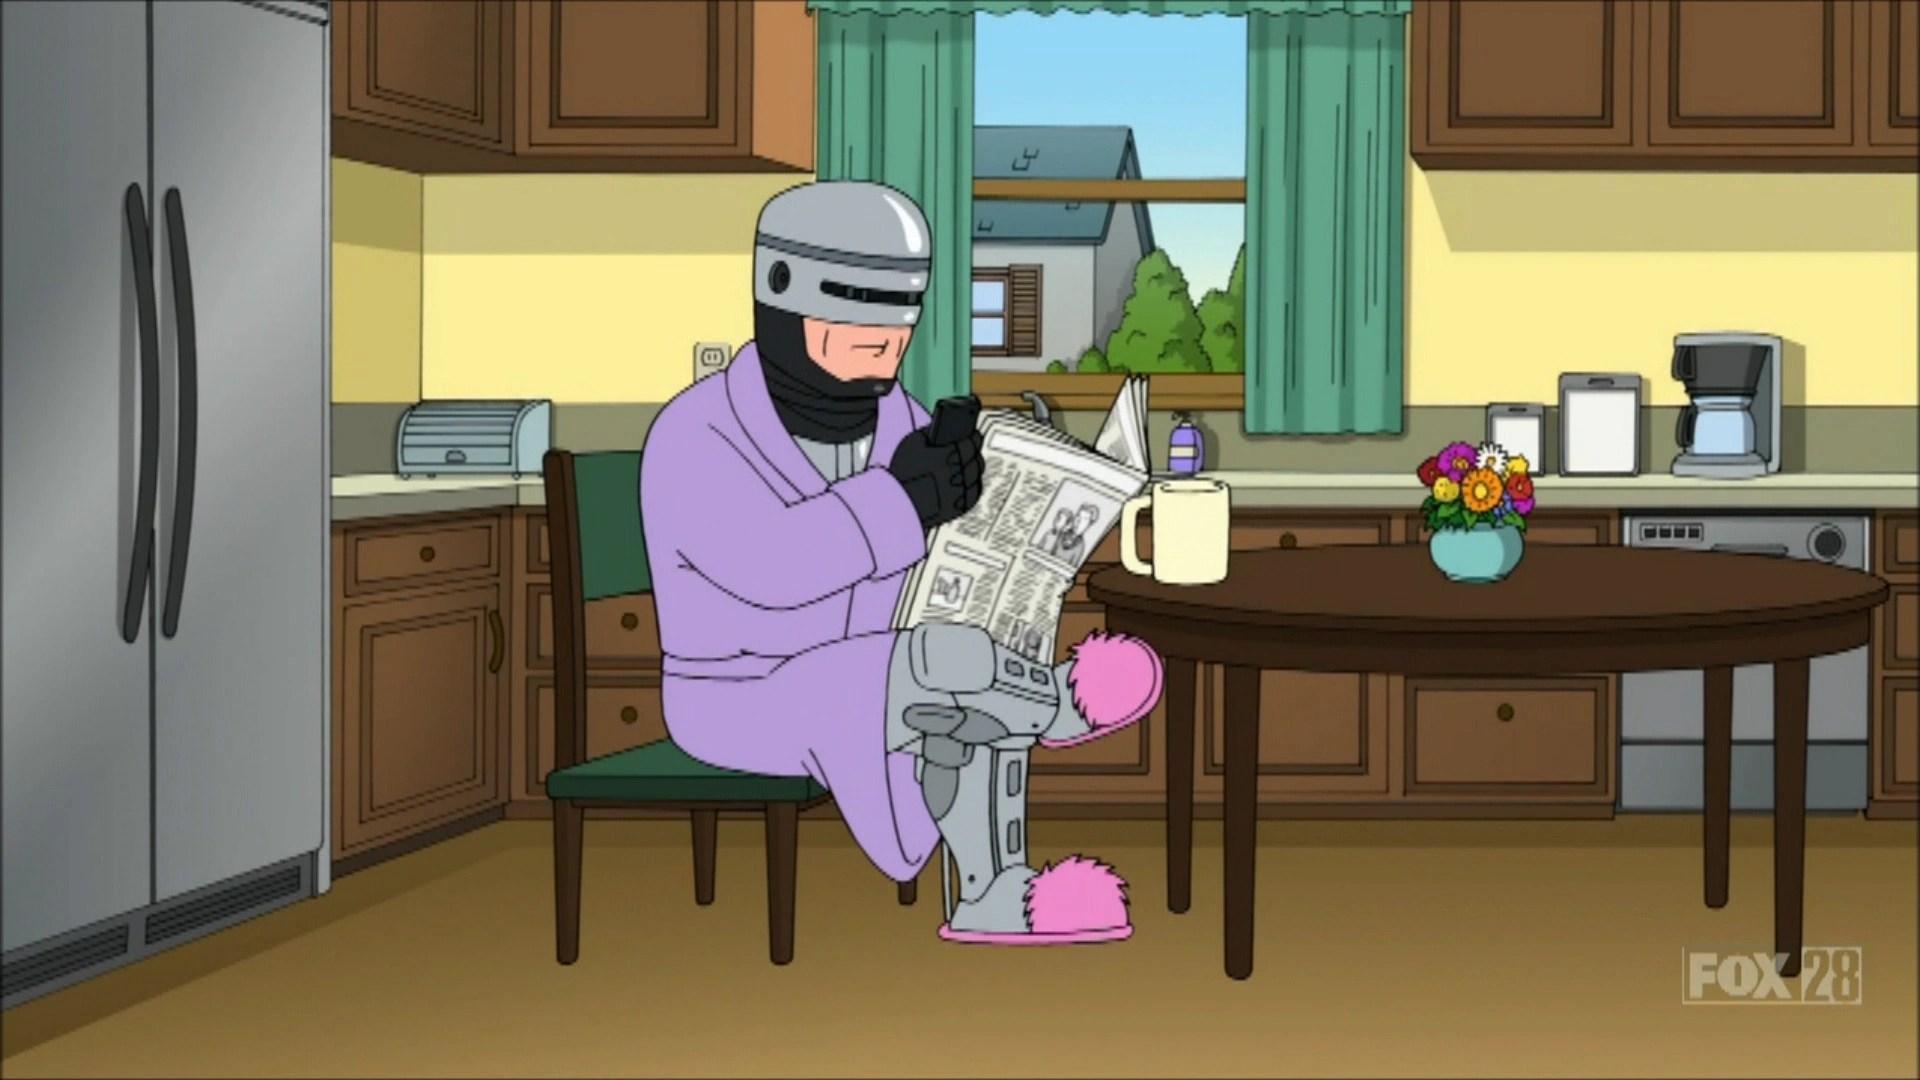 Robocop Family Guy Wiki Fandom Powered By Wikia